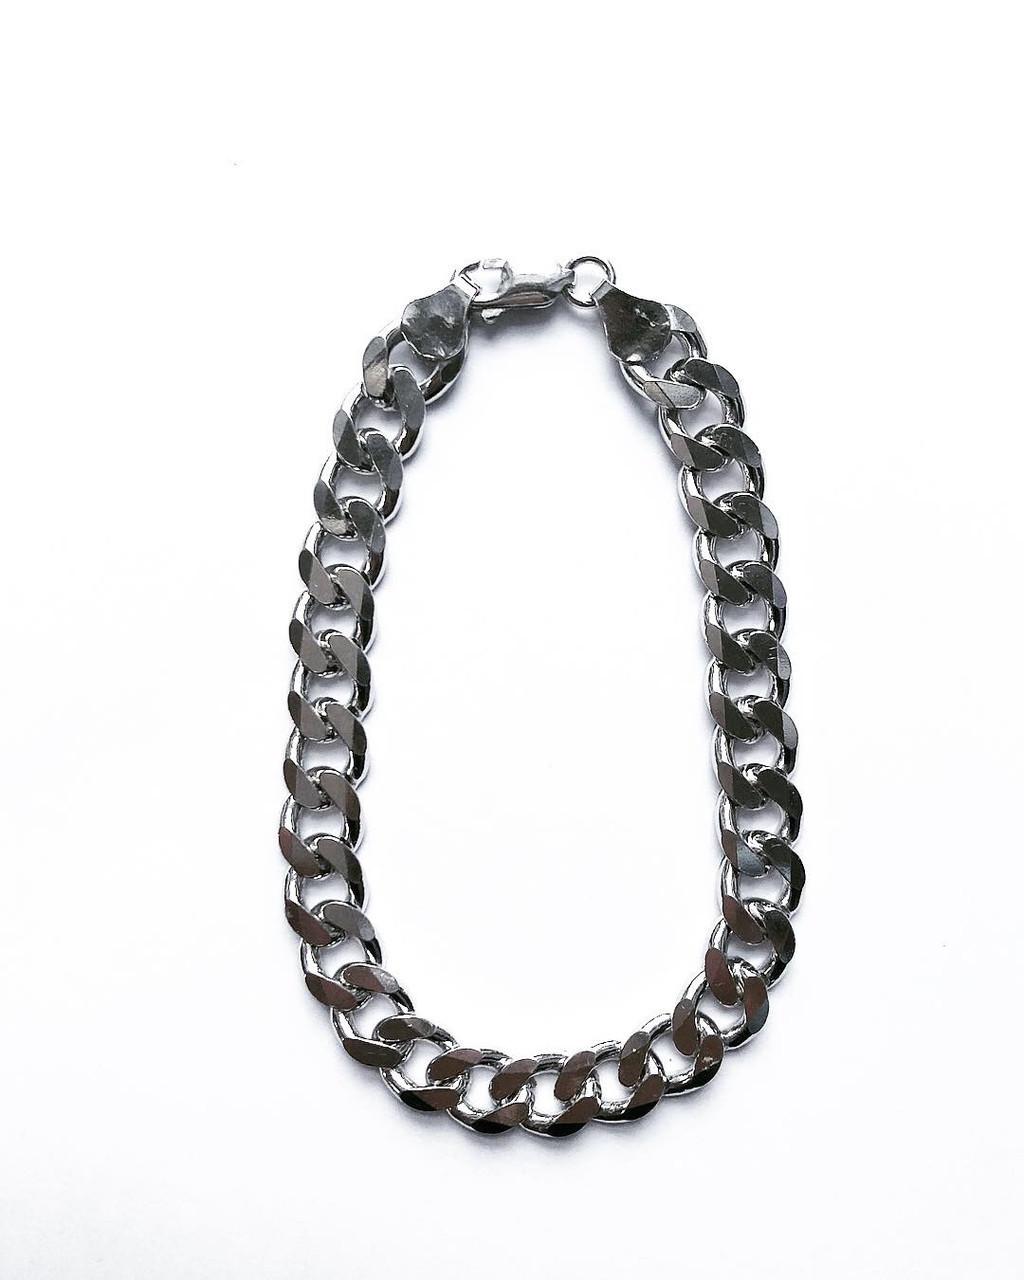 Мужской браслет из серебра 22.5 см панцирное плетение 29 грамм